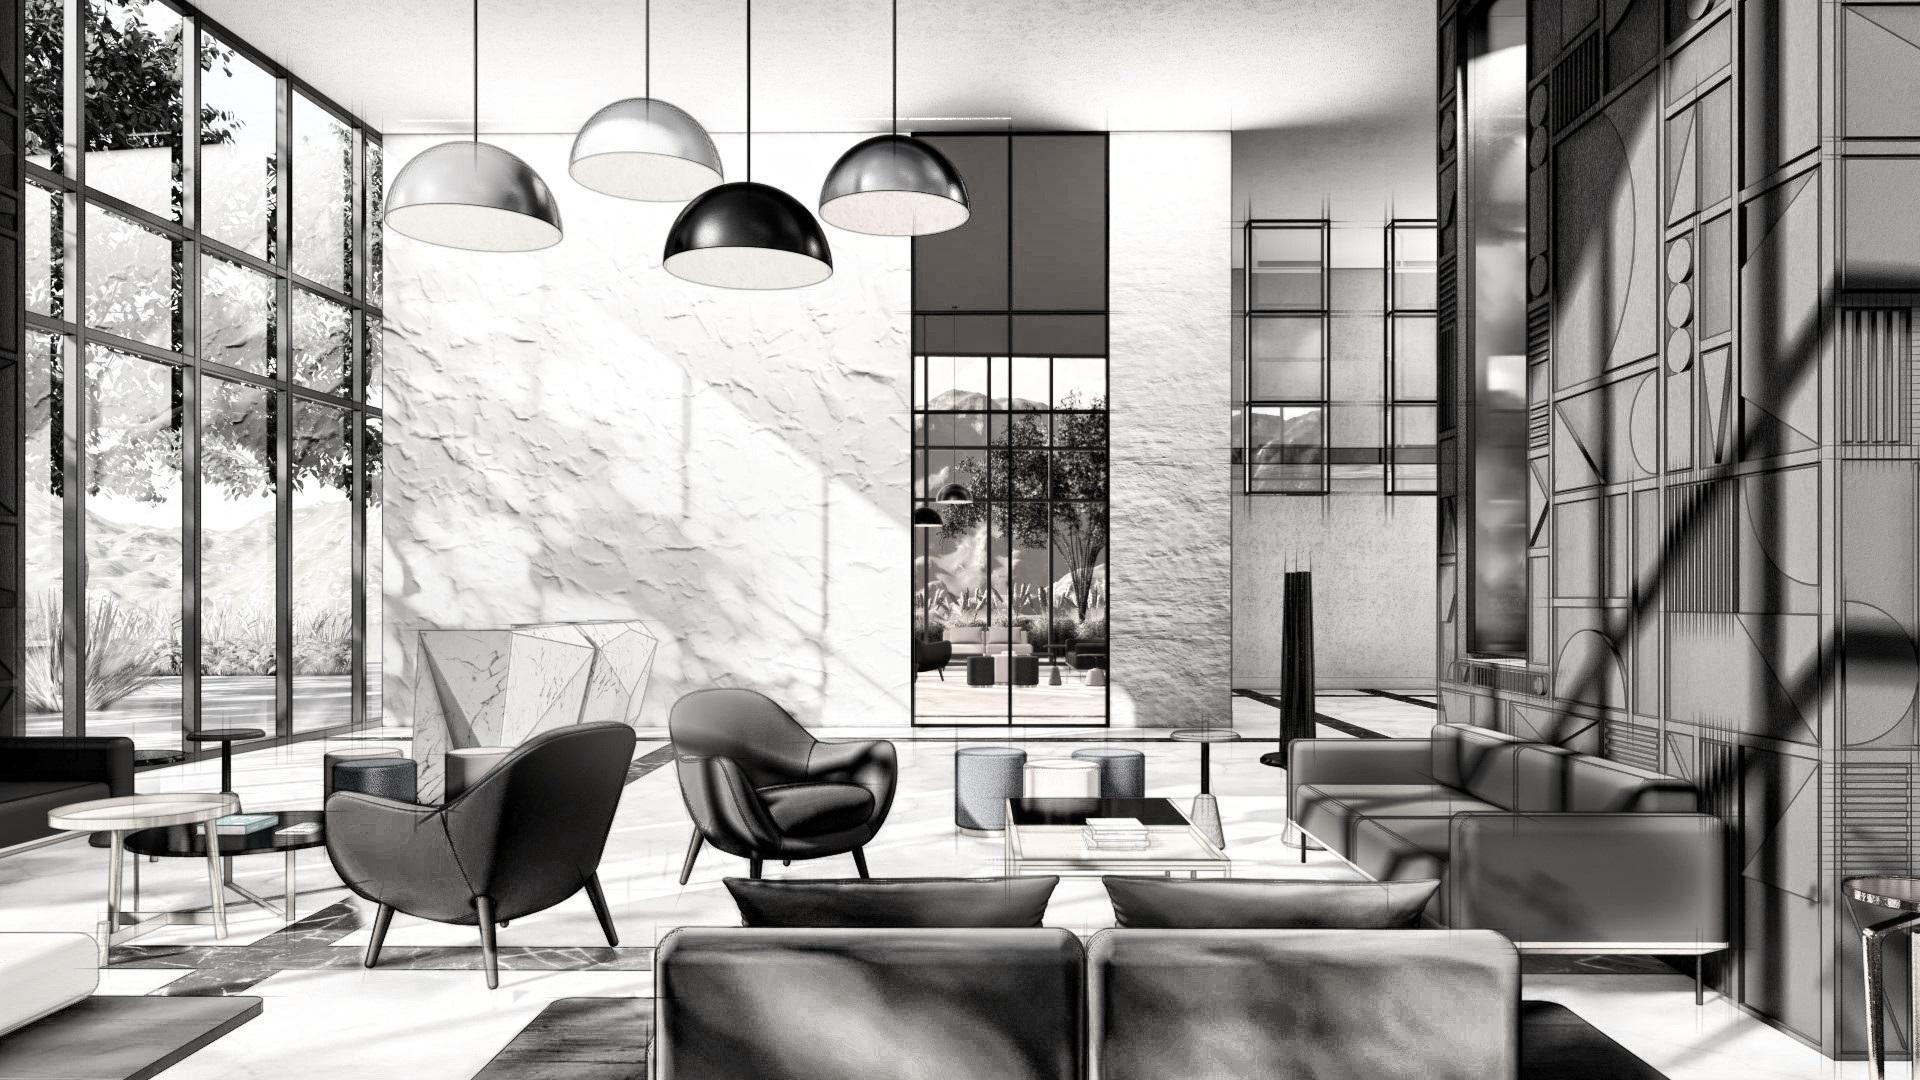 Recorre uno de nuestros dos Lobbys en Balzac® con diseño exclusivo de Atrio Interiores (Paty Durán) - Da click Aquí